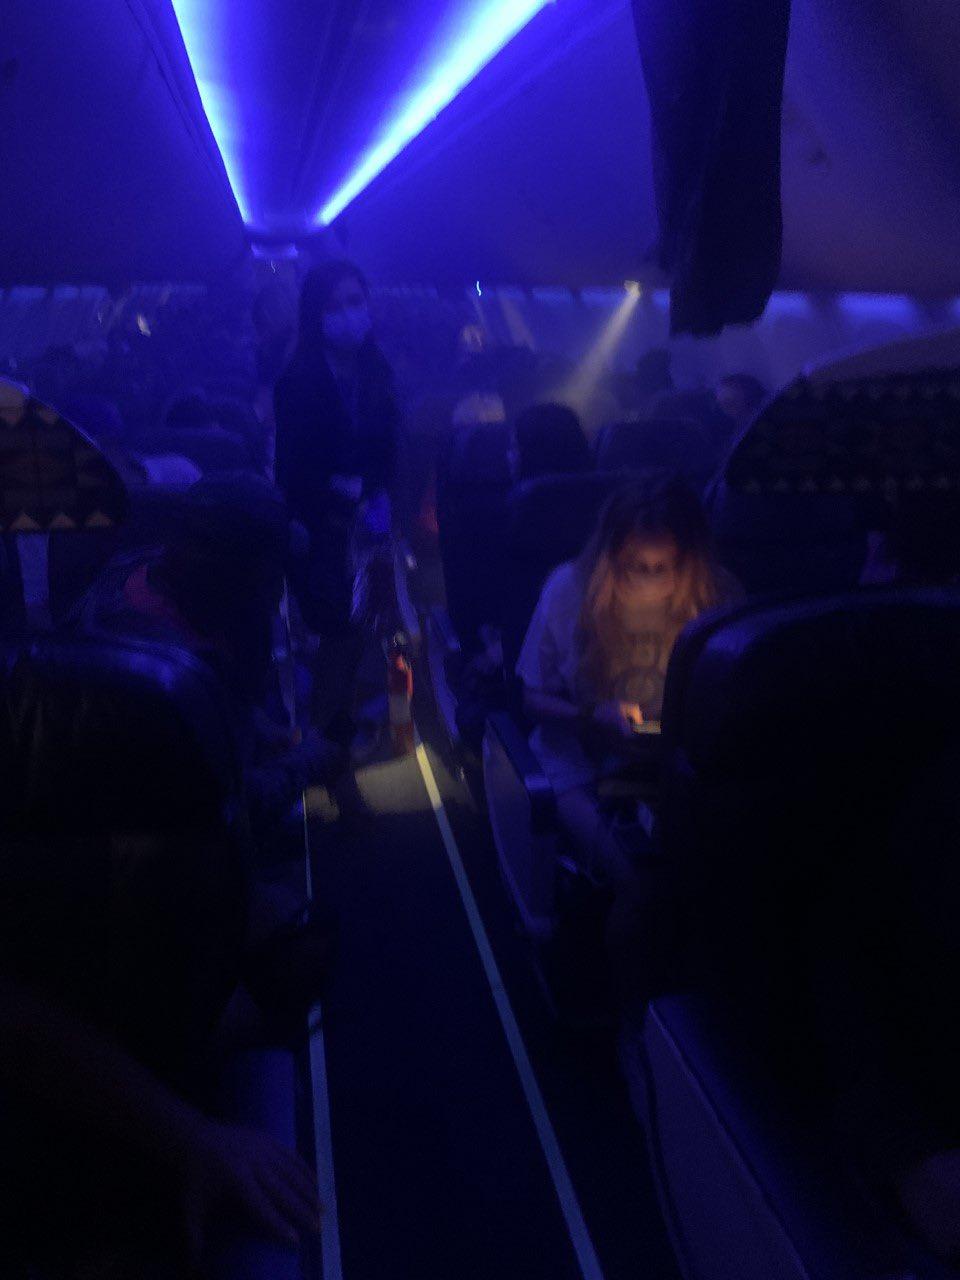 Foto del Avión con el smartphone accidentado y humo en la cabina